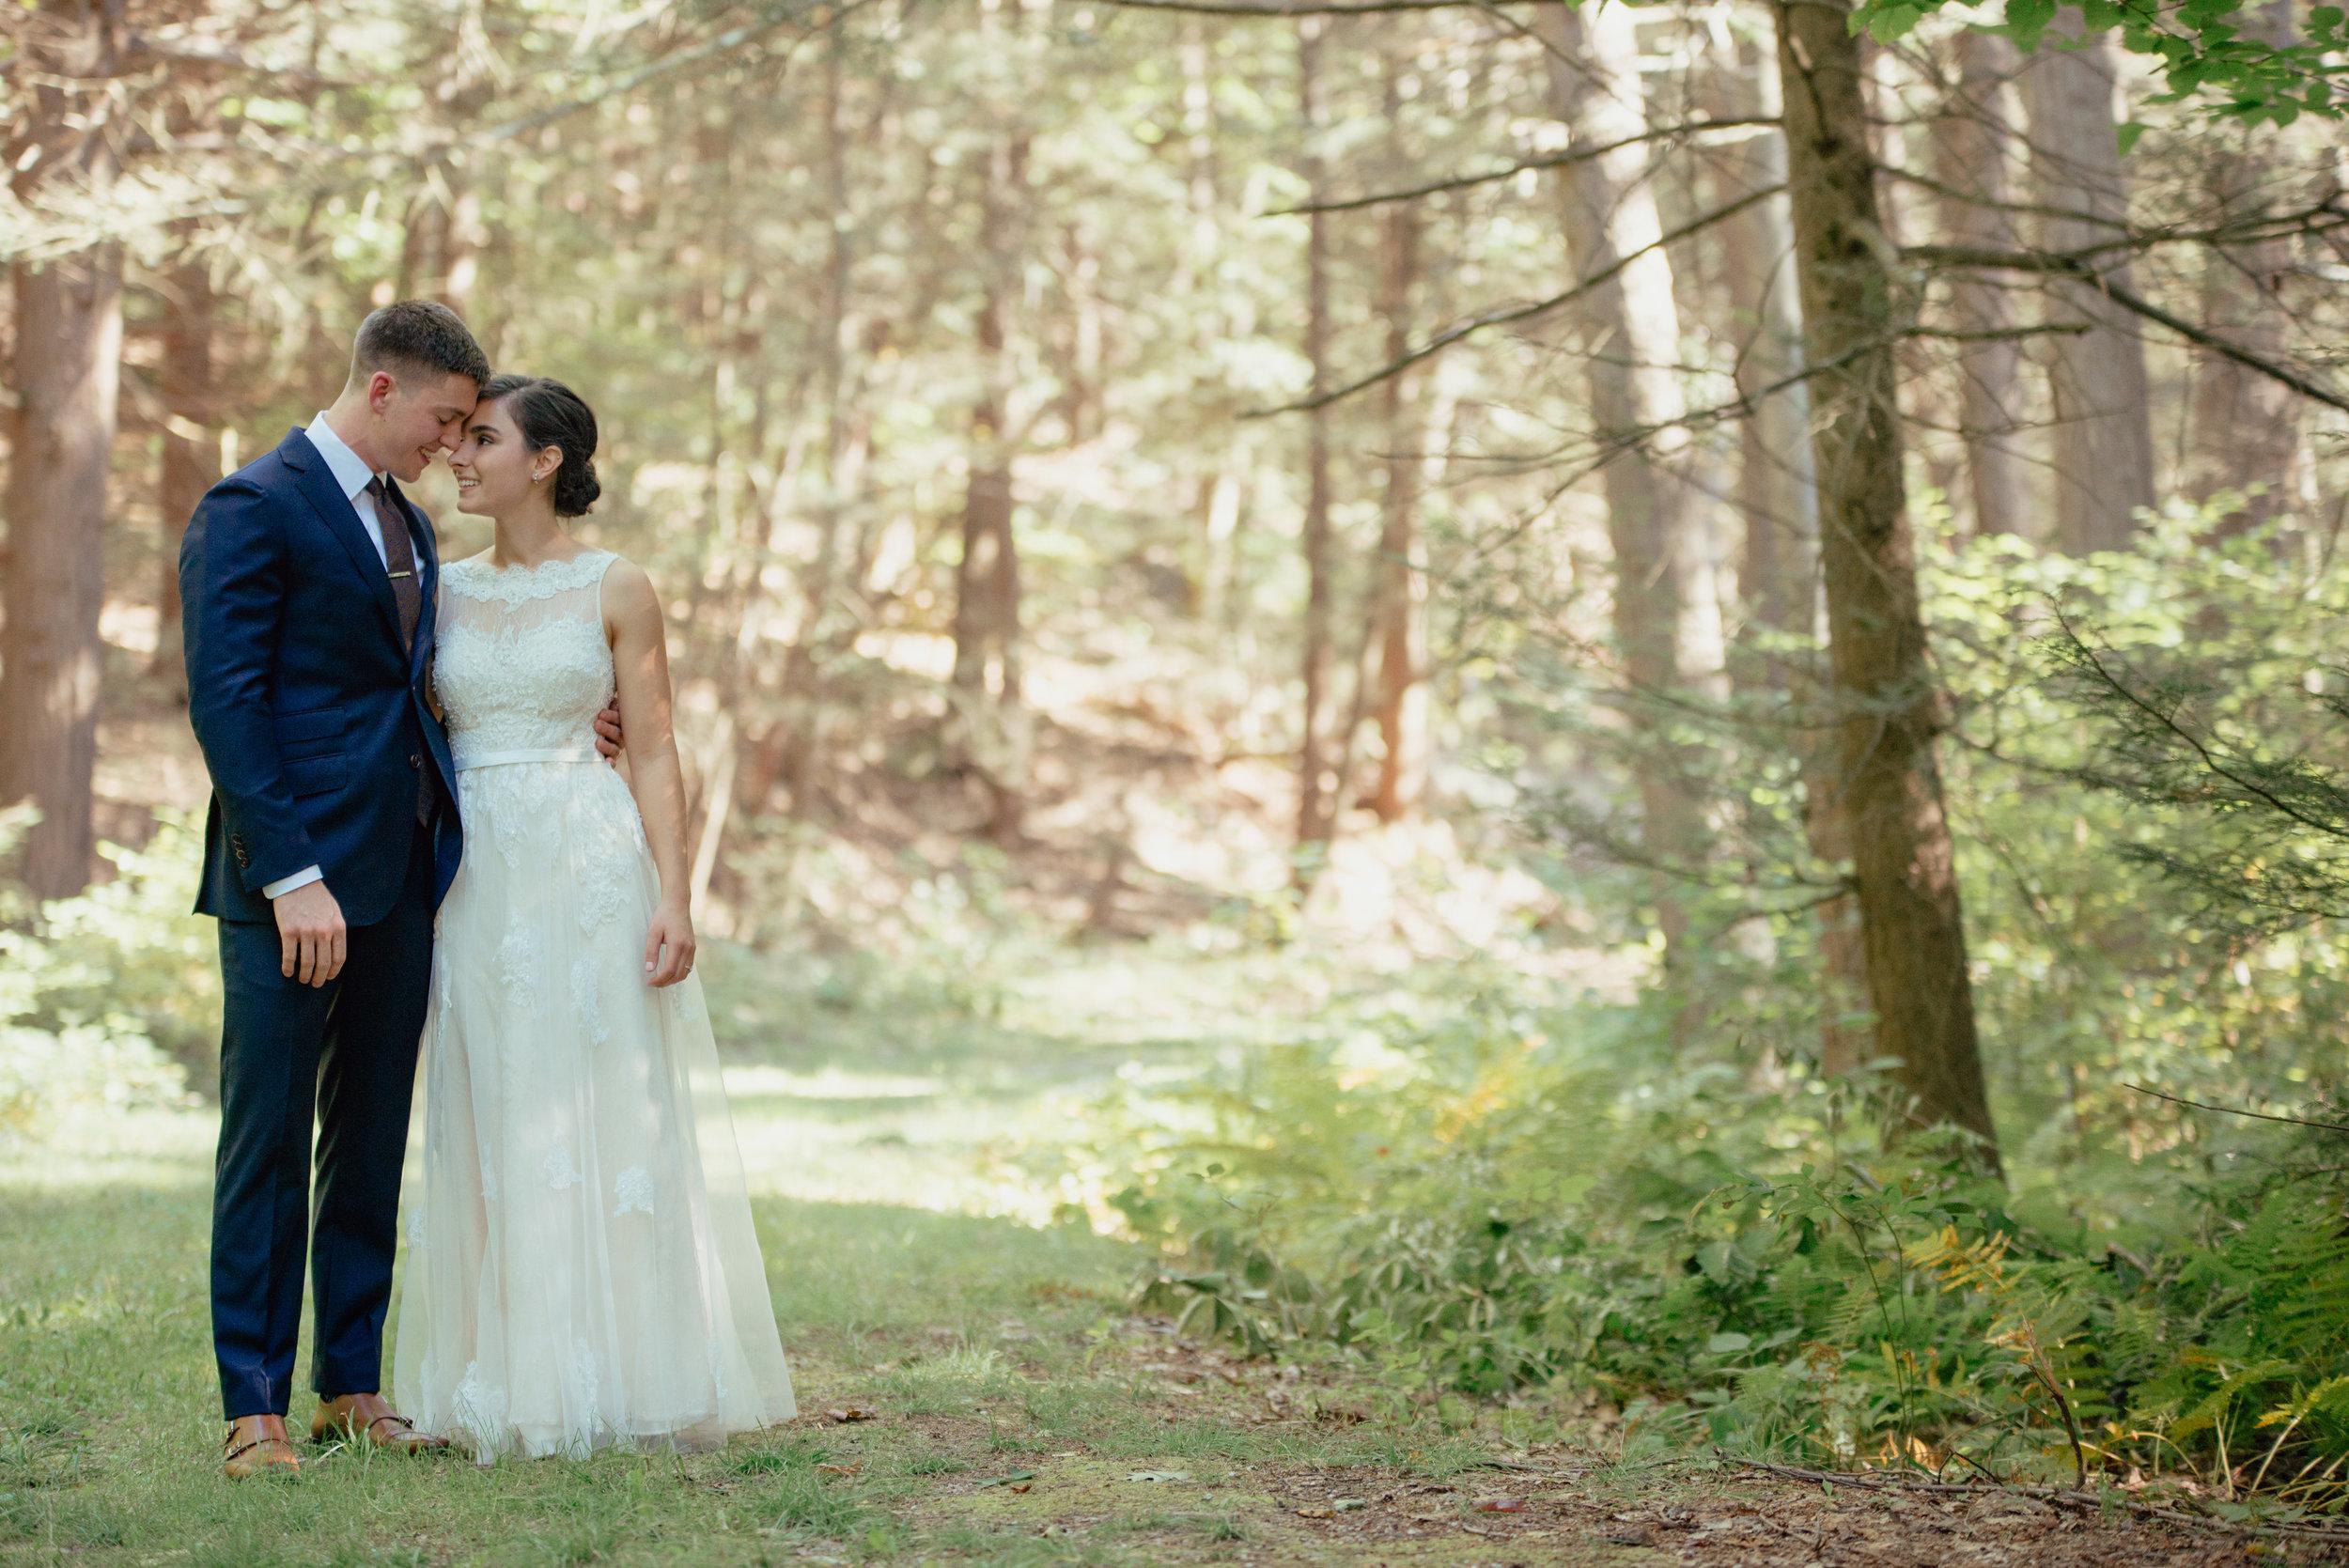 cleland-studios-weddings-12.jpg